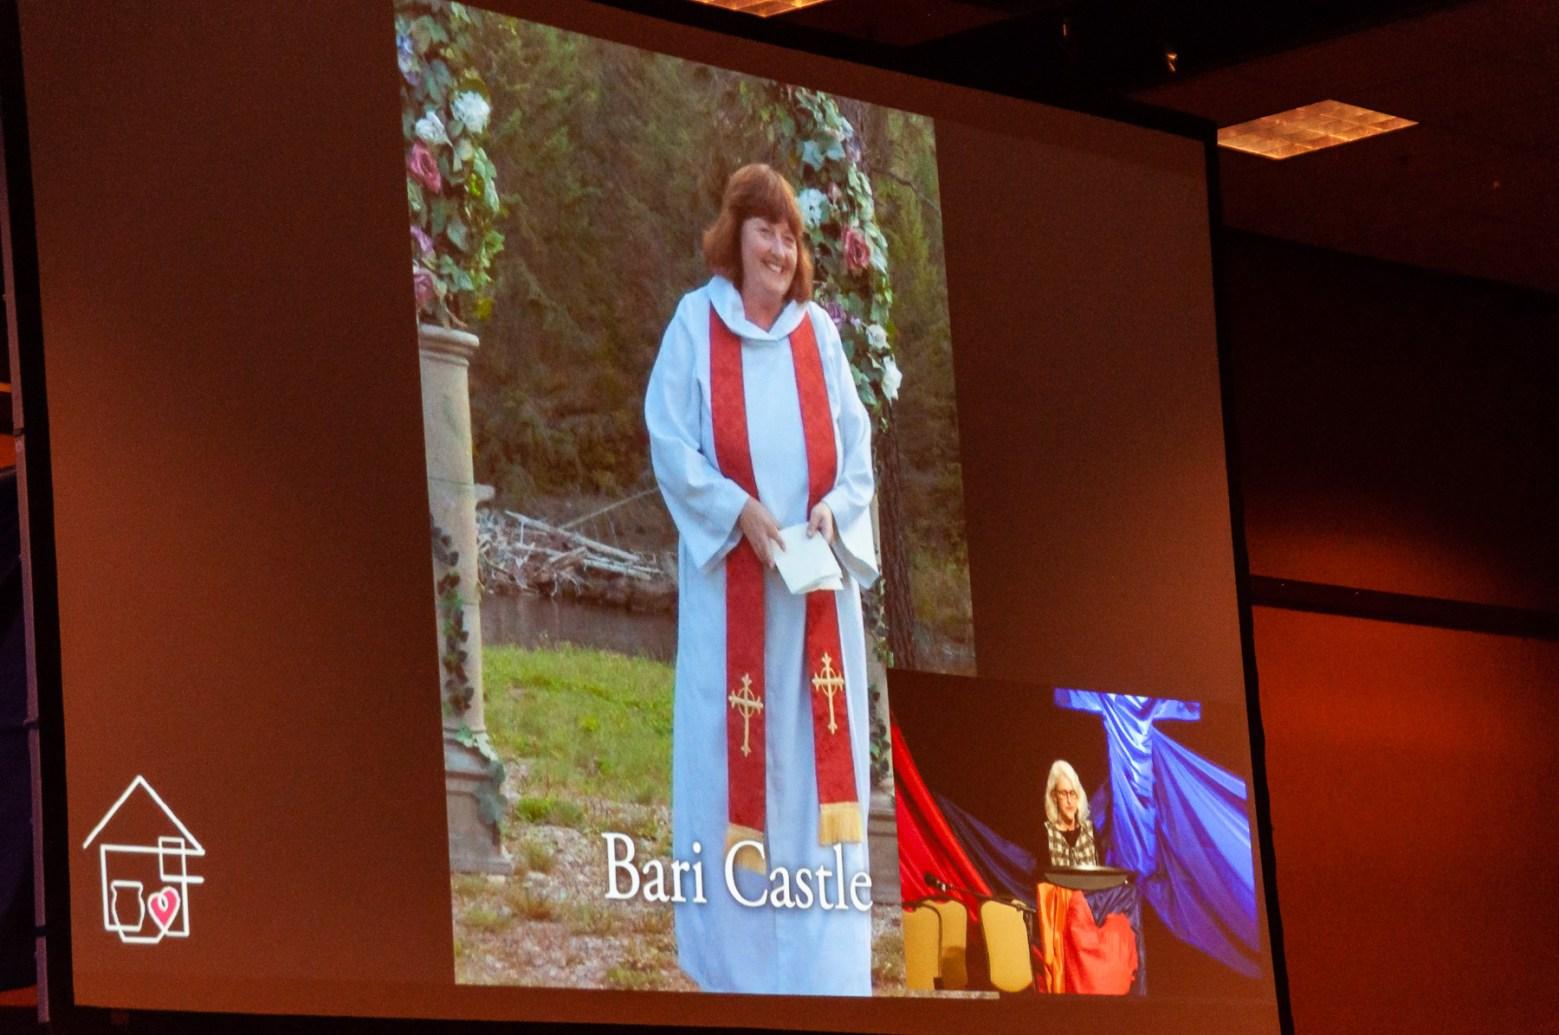 Bari Castle retires in BC conference